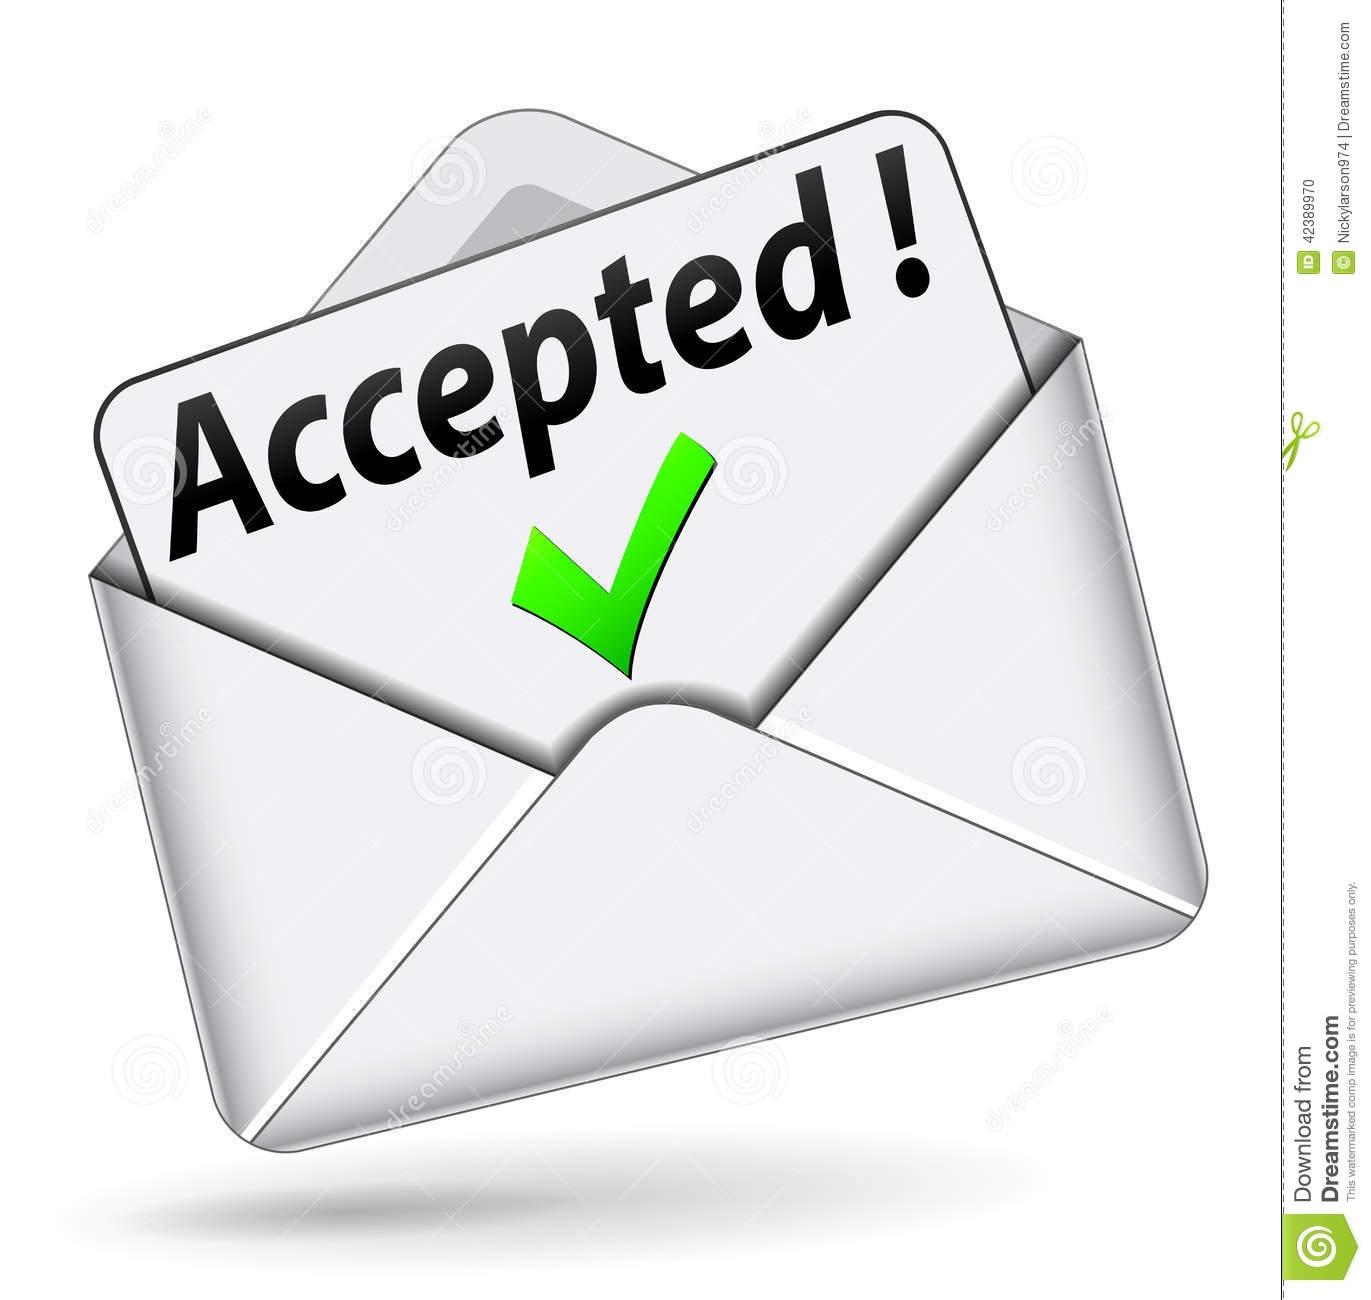 Acceptance letter clipart.